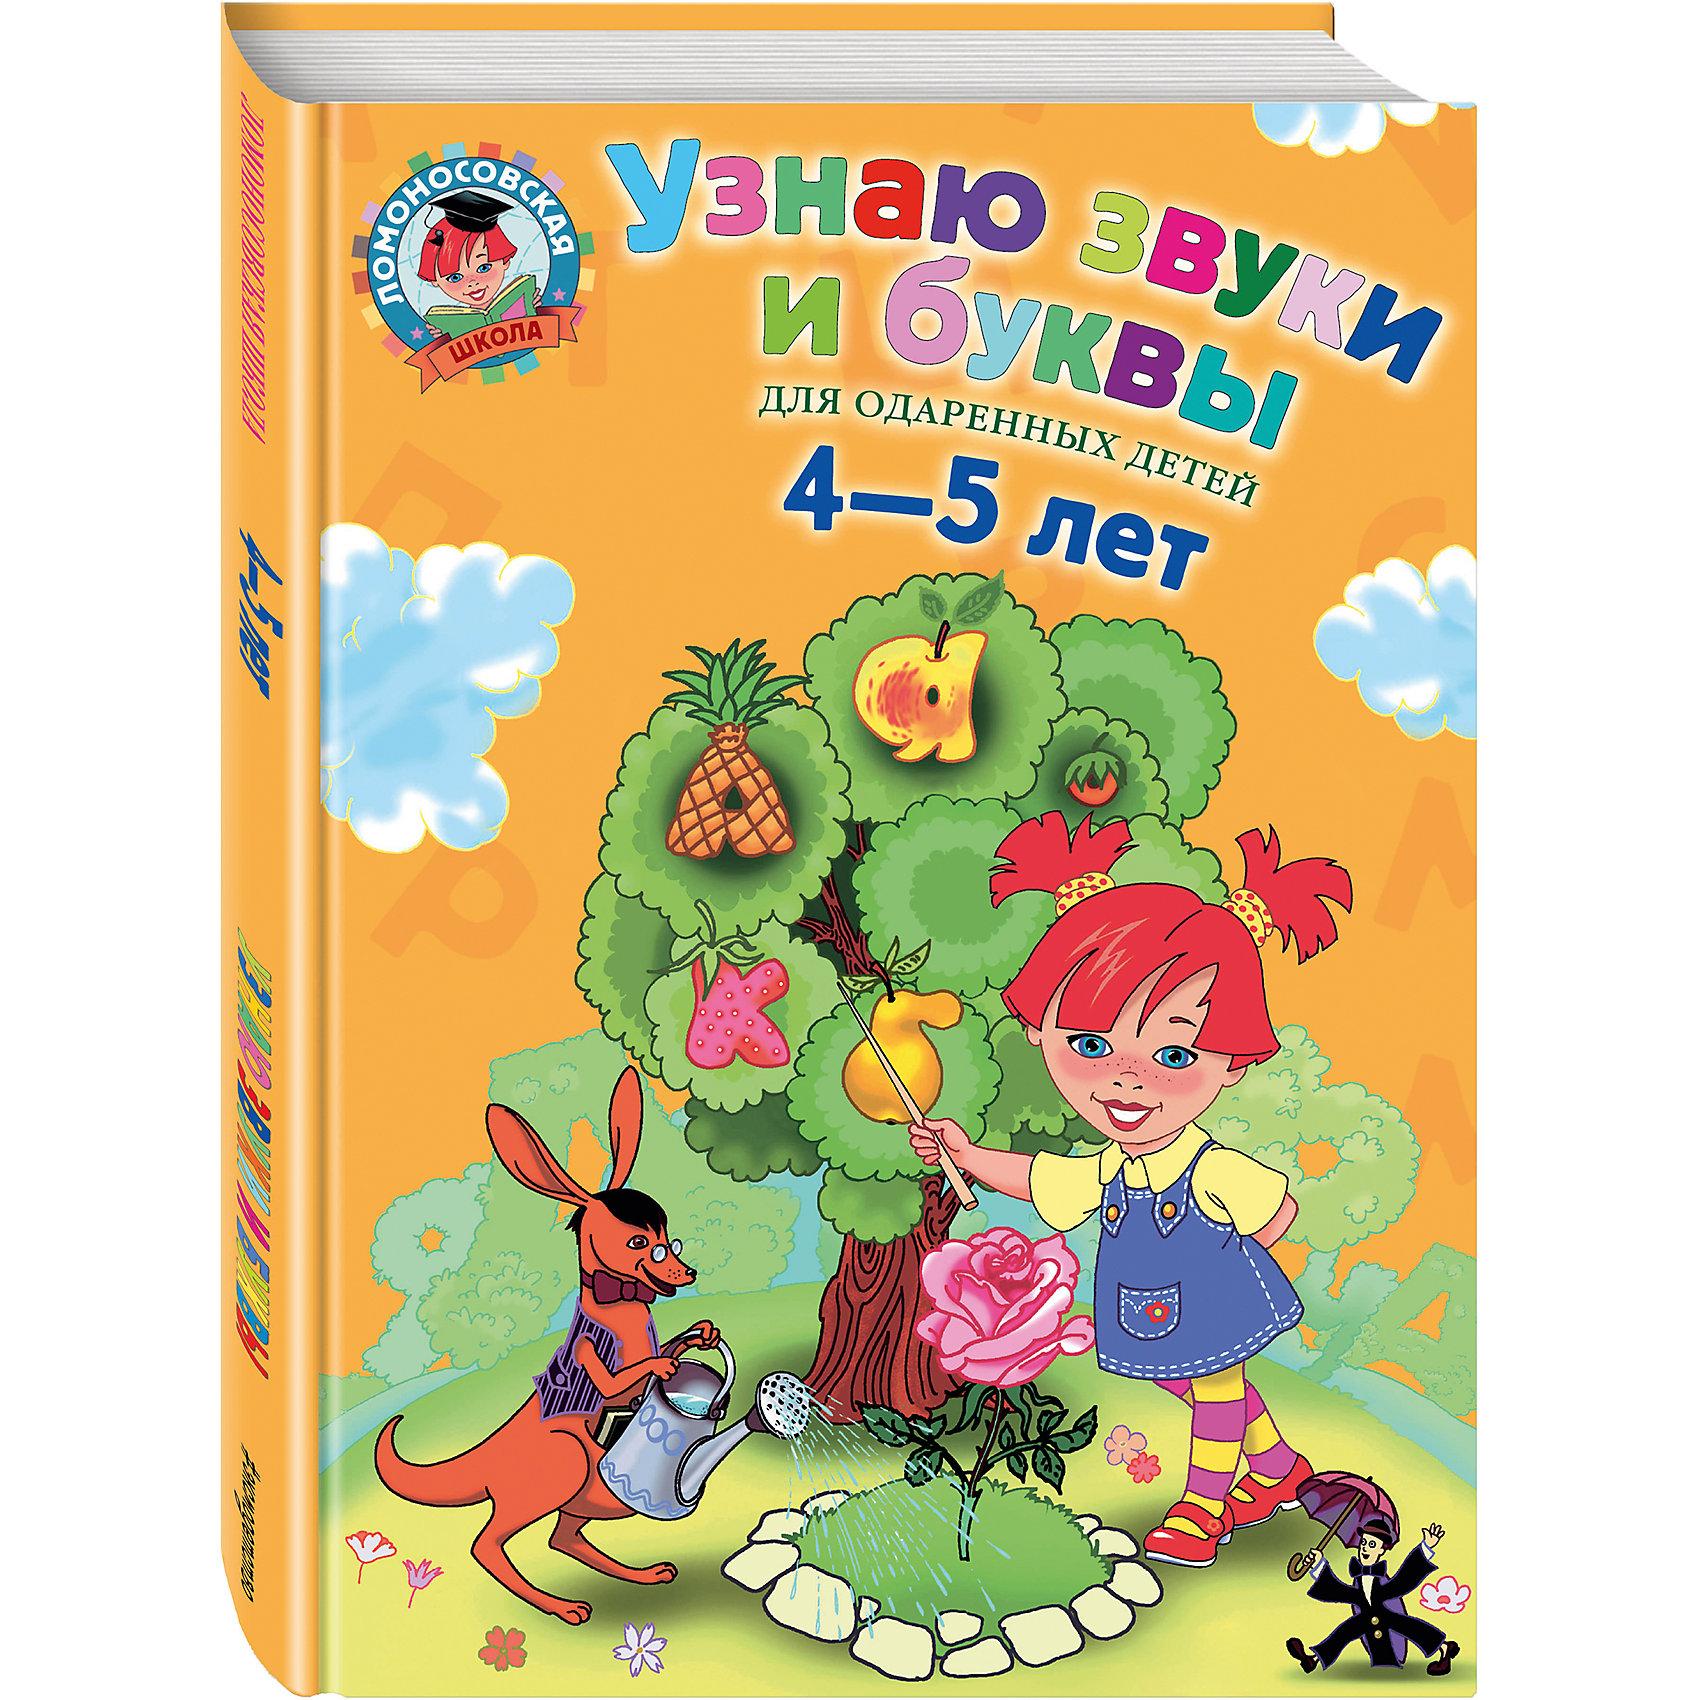 Узнаю звуки и буквы: для детей 4-5 летОсновная задача данной книги - подготовить ребенка, незнакомого с буквами, к обучению чтению. Система разнообразных заданий направлена на развитие связной речи, мышления, внимания, памяти, творческого воображения. Регулярно занимаясь по пособию, малыш научится читать по слогам двух-трехсложные слова, определять звуки в словах, составлять рассказ по картинке, писать печатные буквы и несложные слова. Предназначено воспитателям дошкольных образовательных учреждений, гувернерам и родителям для занятий с детьми как в детском саду, так и в домашних условиях.<br><br>Дополнительная информация:<br><br>- год выпуска: 2013<br>- количество страниц:  64<br>- формат: 21 * 28*0.5 см. <br>- переплёт: мягкий переплет (крепление скрепкой или клеем)<br>- возраст: от  4 до 5 лет<br>- вес: 176 гр.<br><br>Книгу Узнаю звуки и буквы: для детей 4-5 лет можно купить в нашем интернет - магазине.<br><br>Ширина мм: 280<br>Глубина мм: 203<br>Высота мм: 12<br>Вес г: 504<br>Возраст от месяцев: 48<br>Возраст до месяцев: 72<br>Пол: Унисекс<br>Возраст: Детский<br>SKU: 4753407